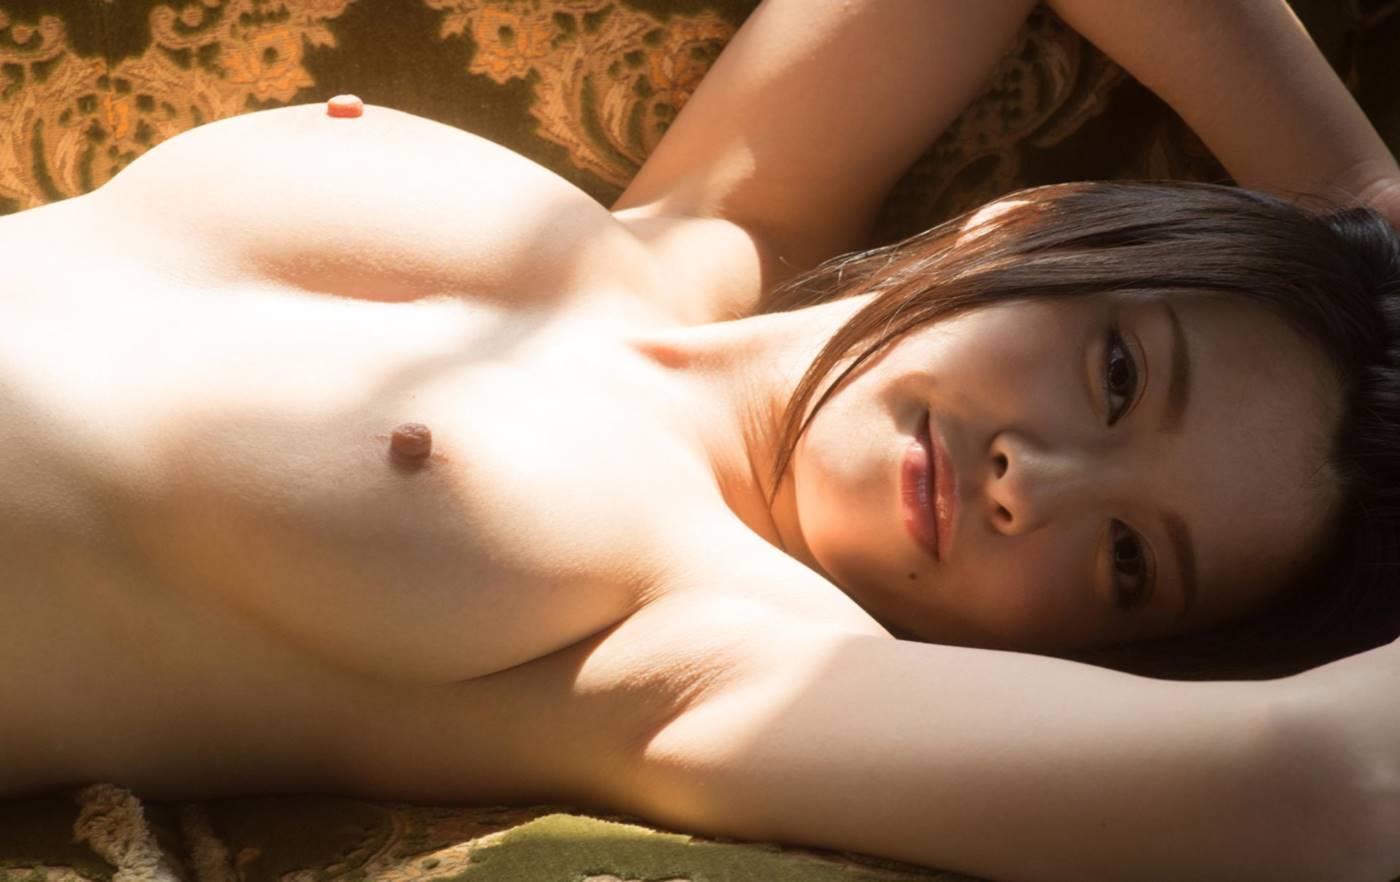 松岡ちな 画像 40